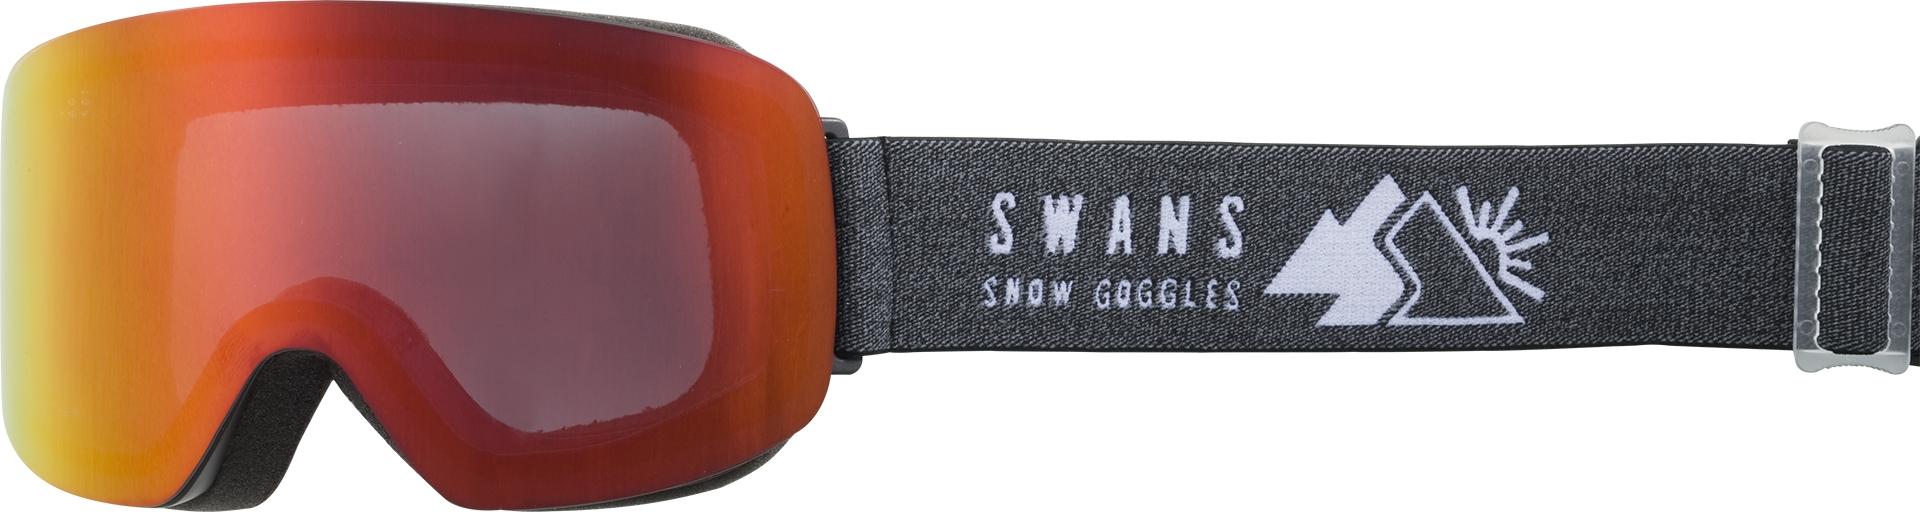 Swans 120-MBK.jpg